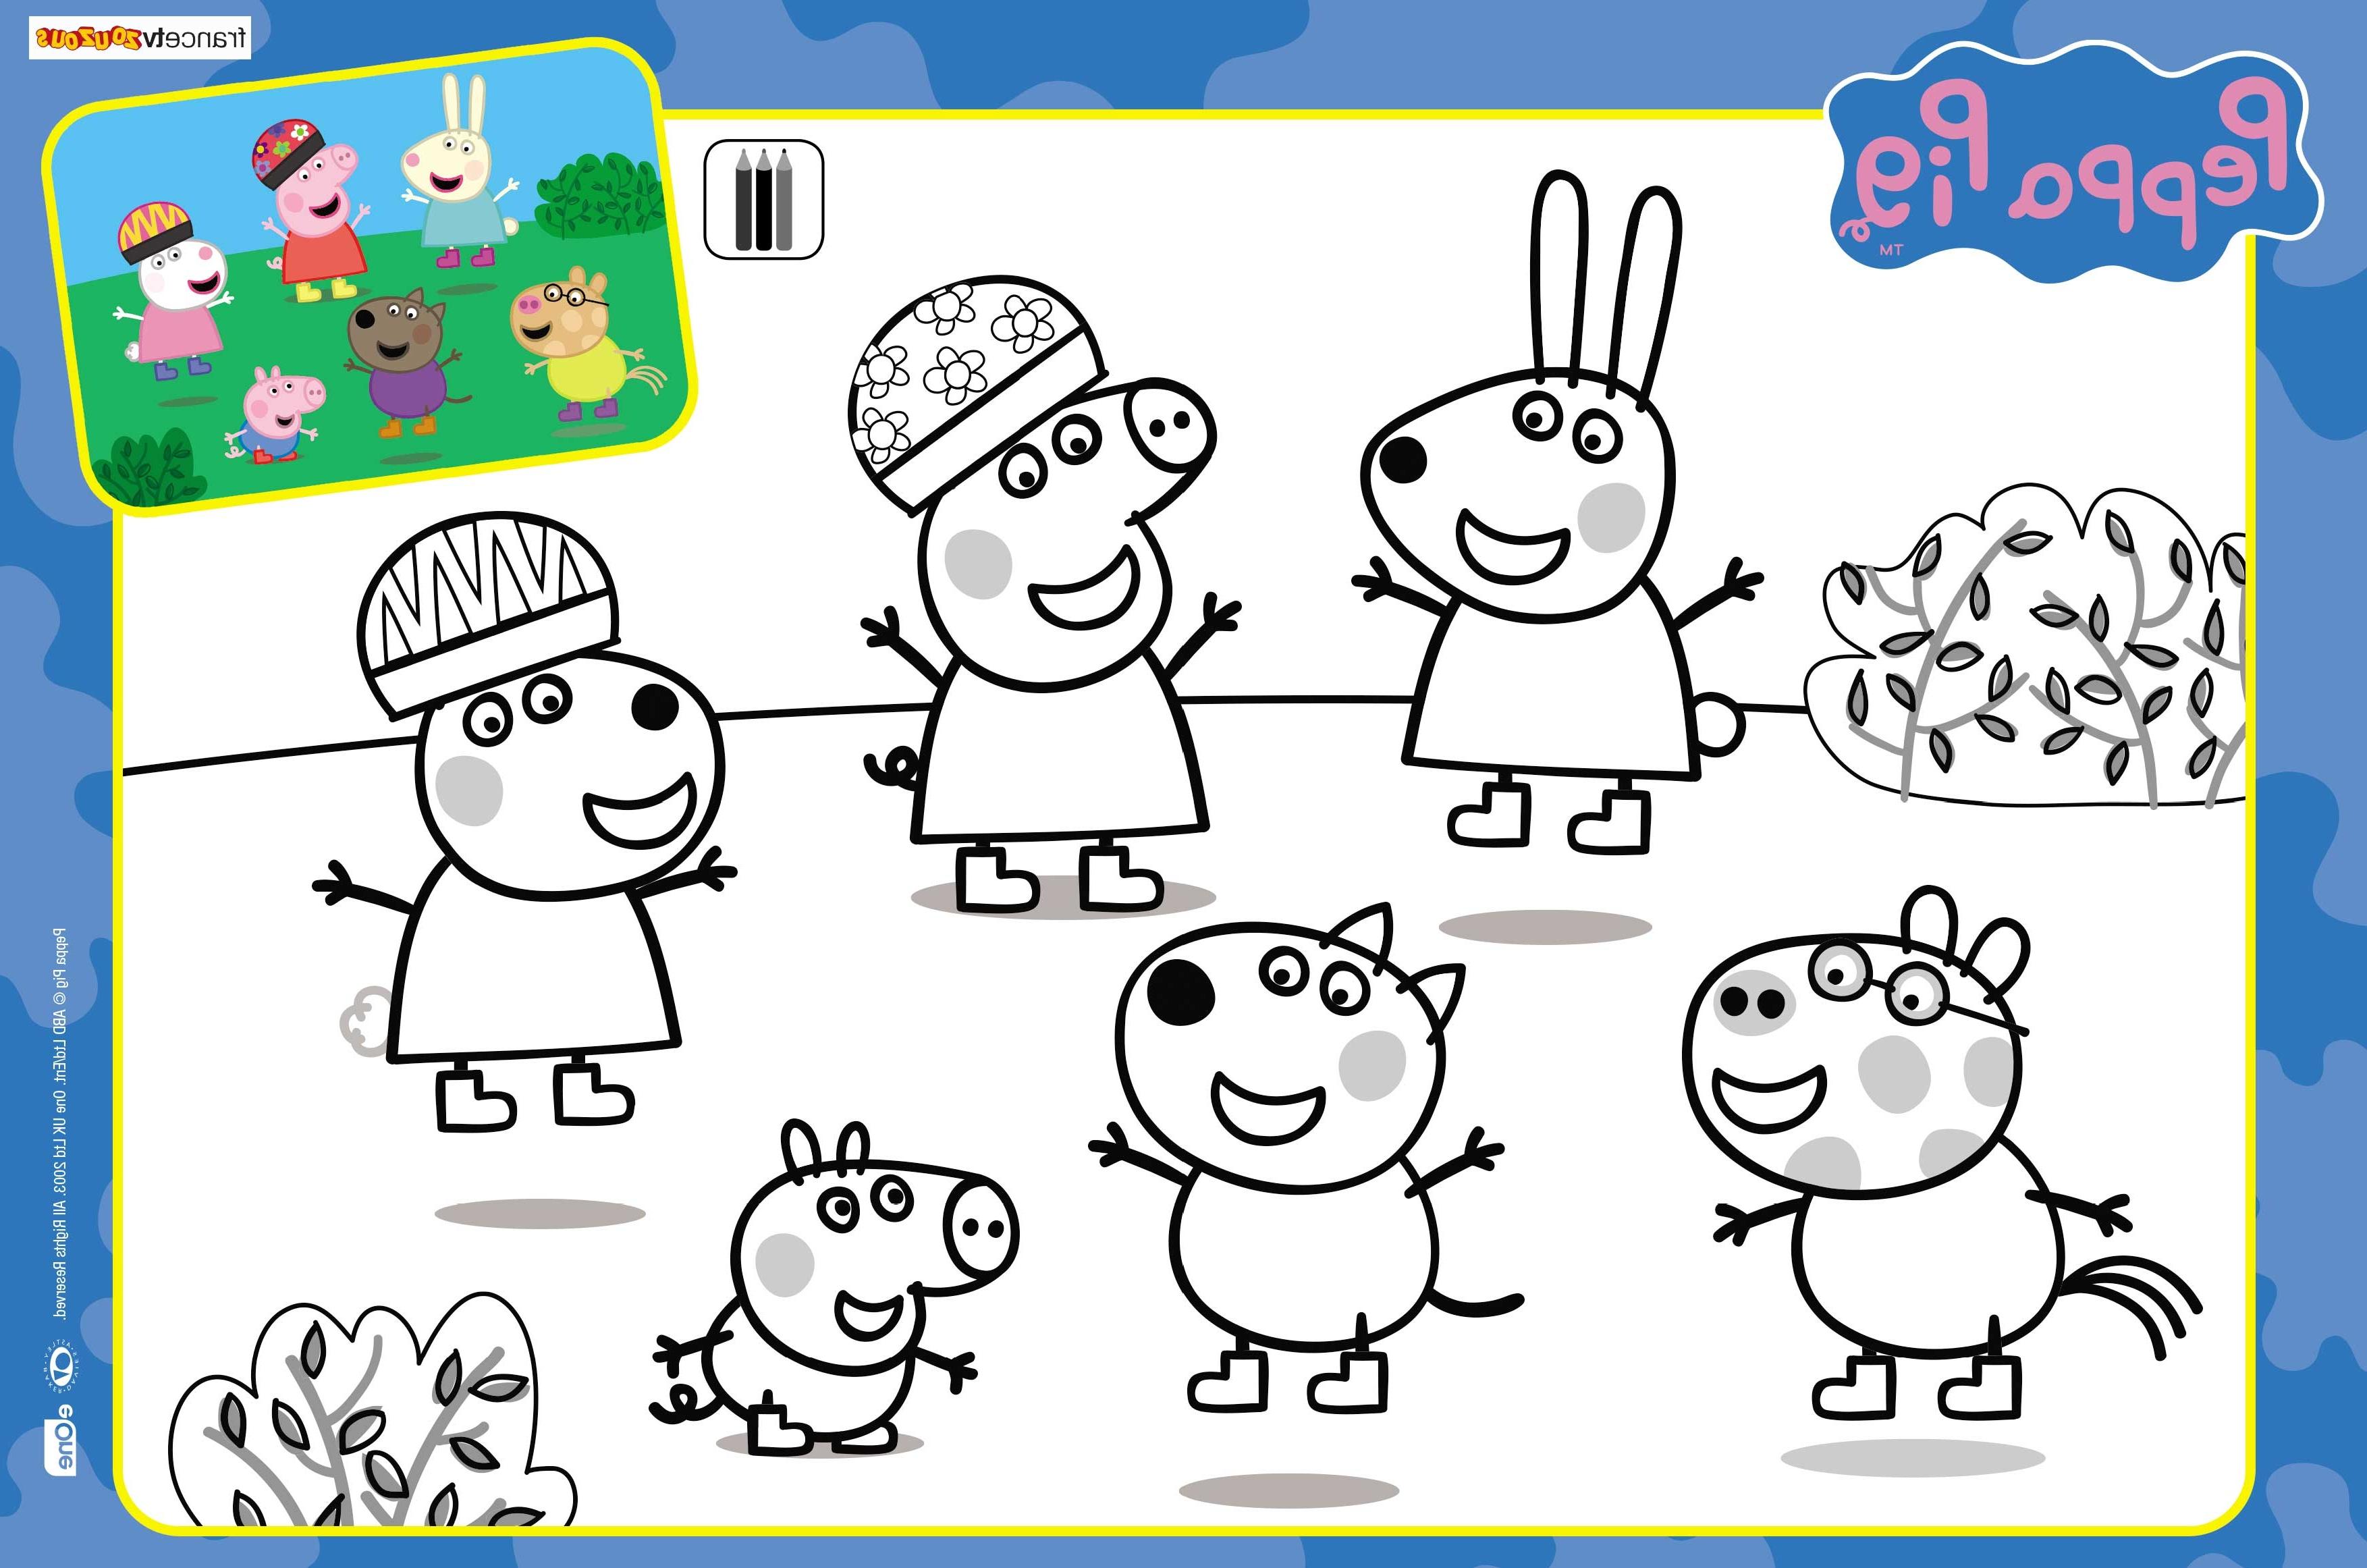 Coloriage peppa pig imprimer beau photos 111 dessins de coloriage peppa pig imprimer sur - Jeux de papa pig ...